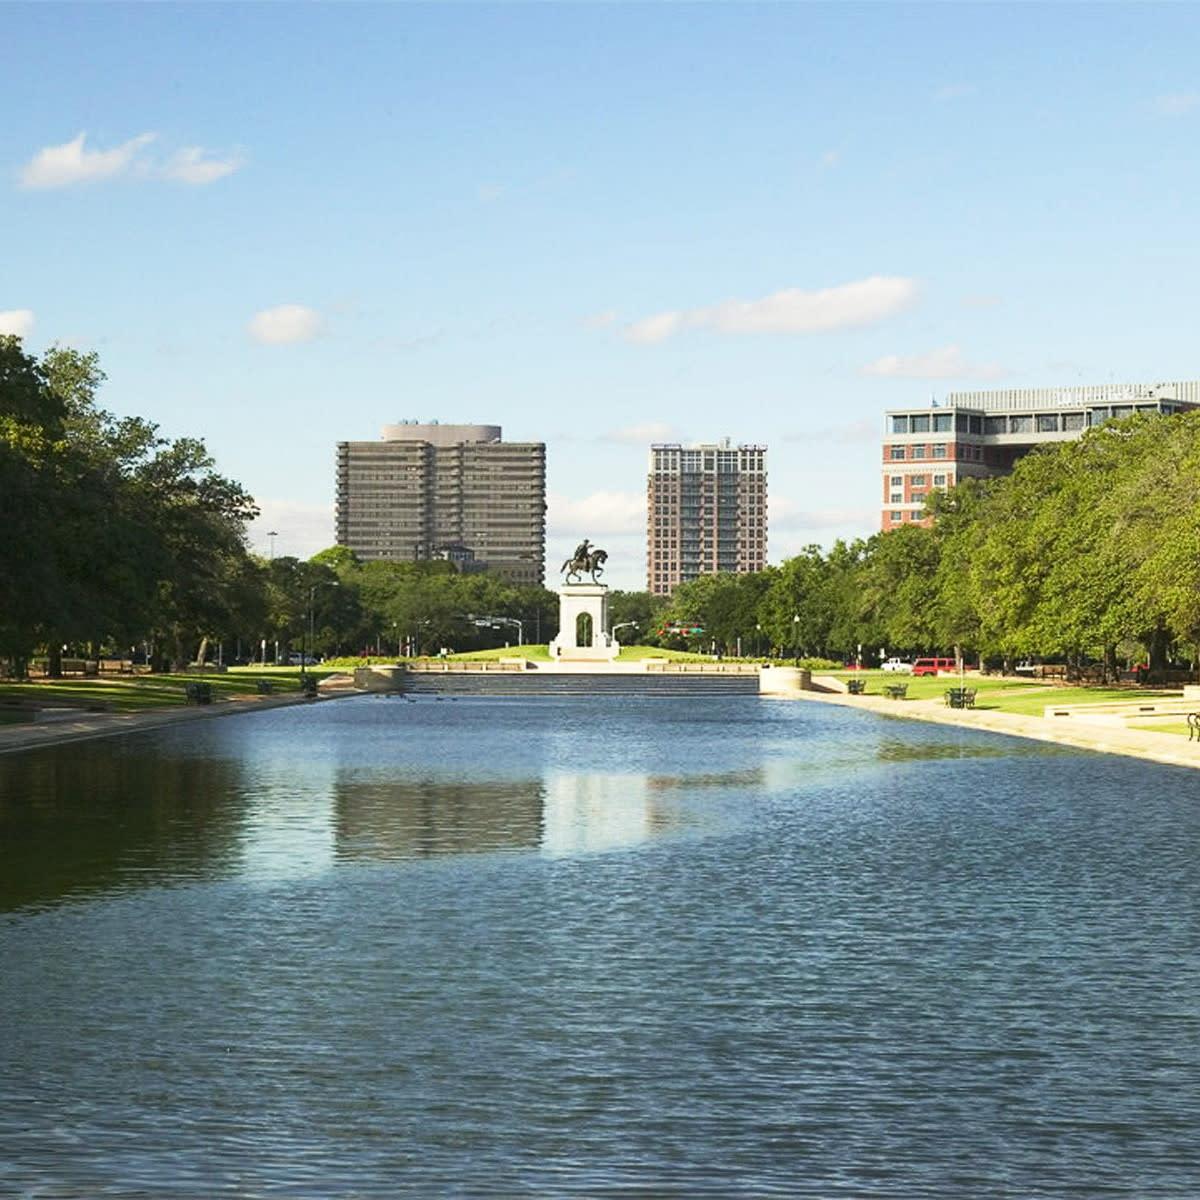 Places-Unique-Hermann Park-Jones Reflection Pool